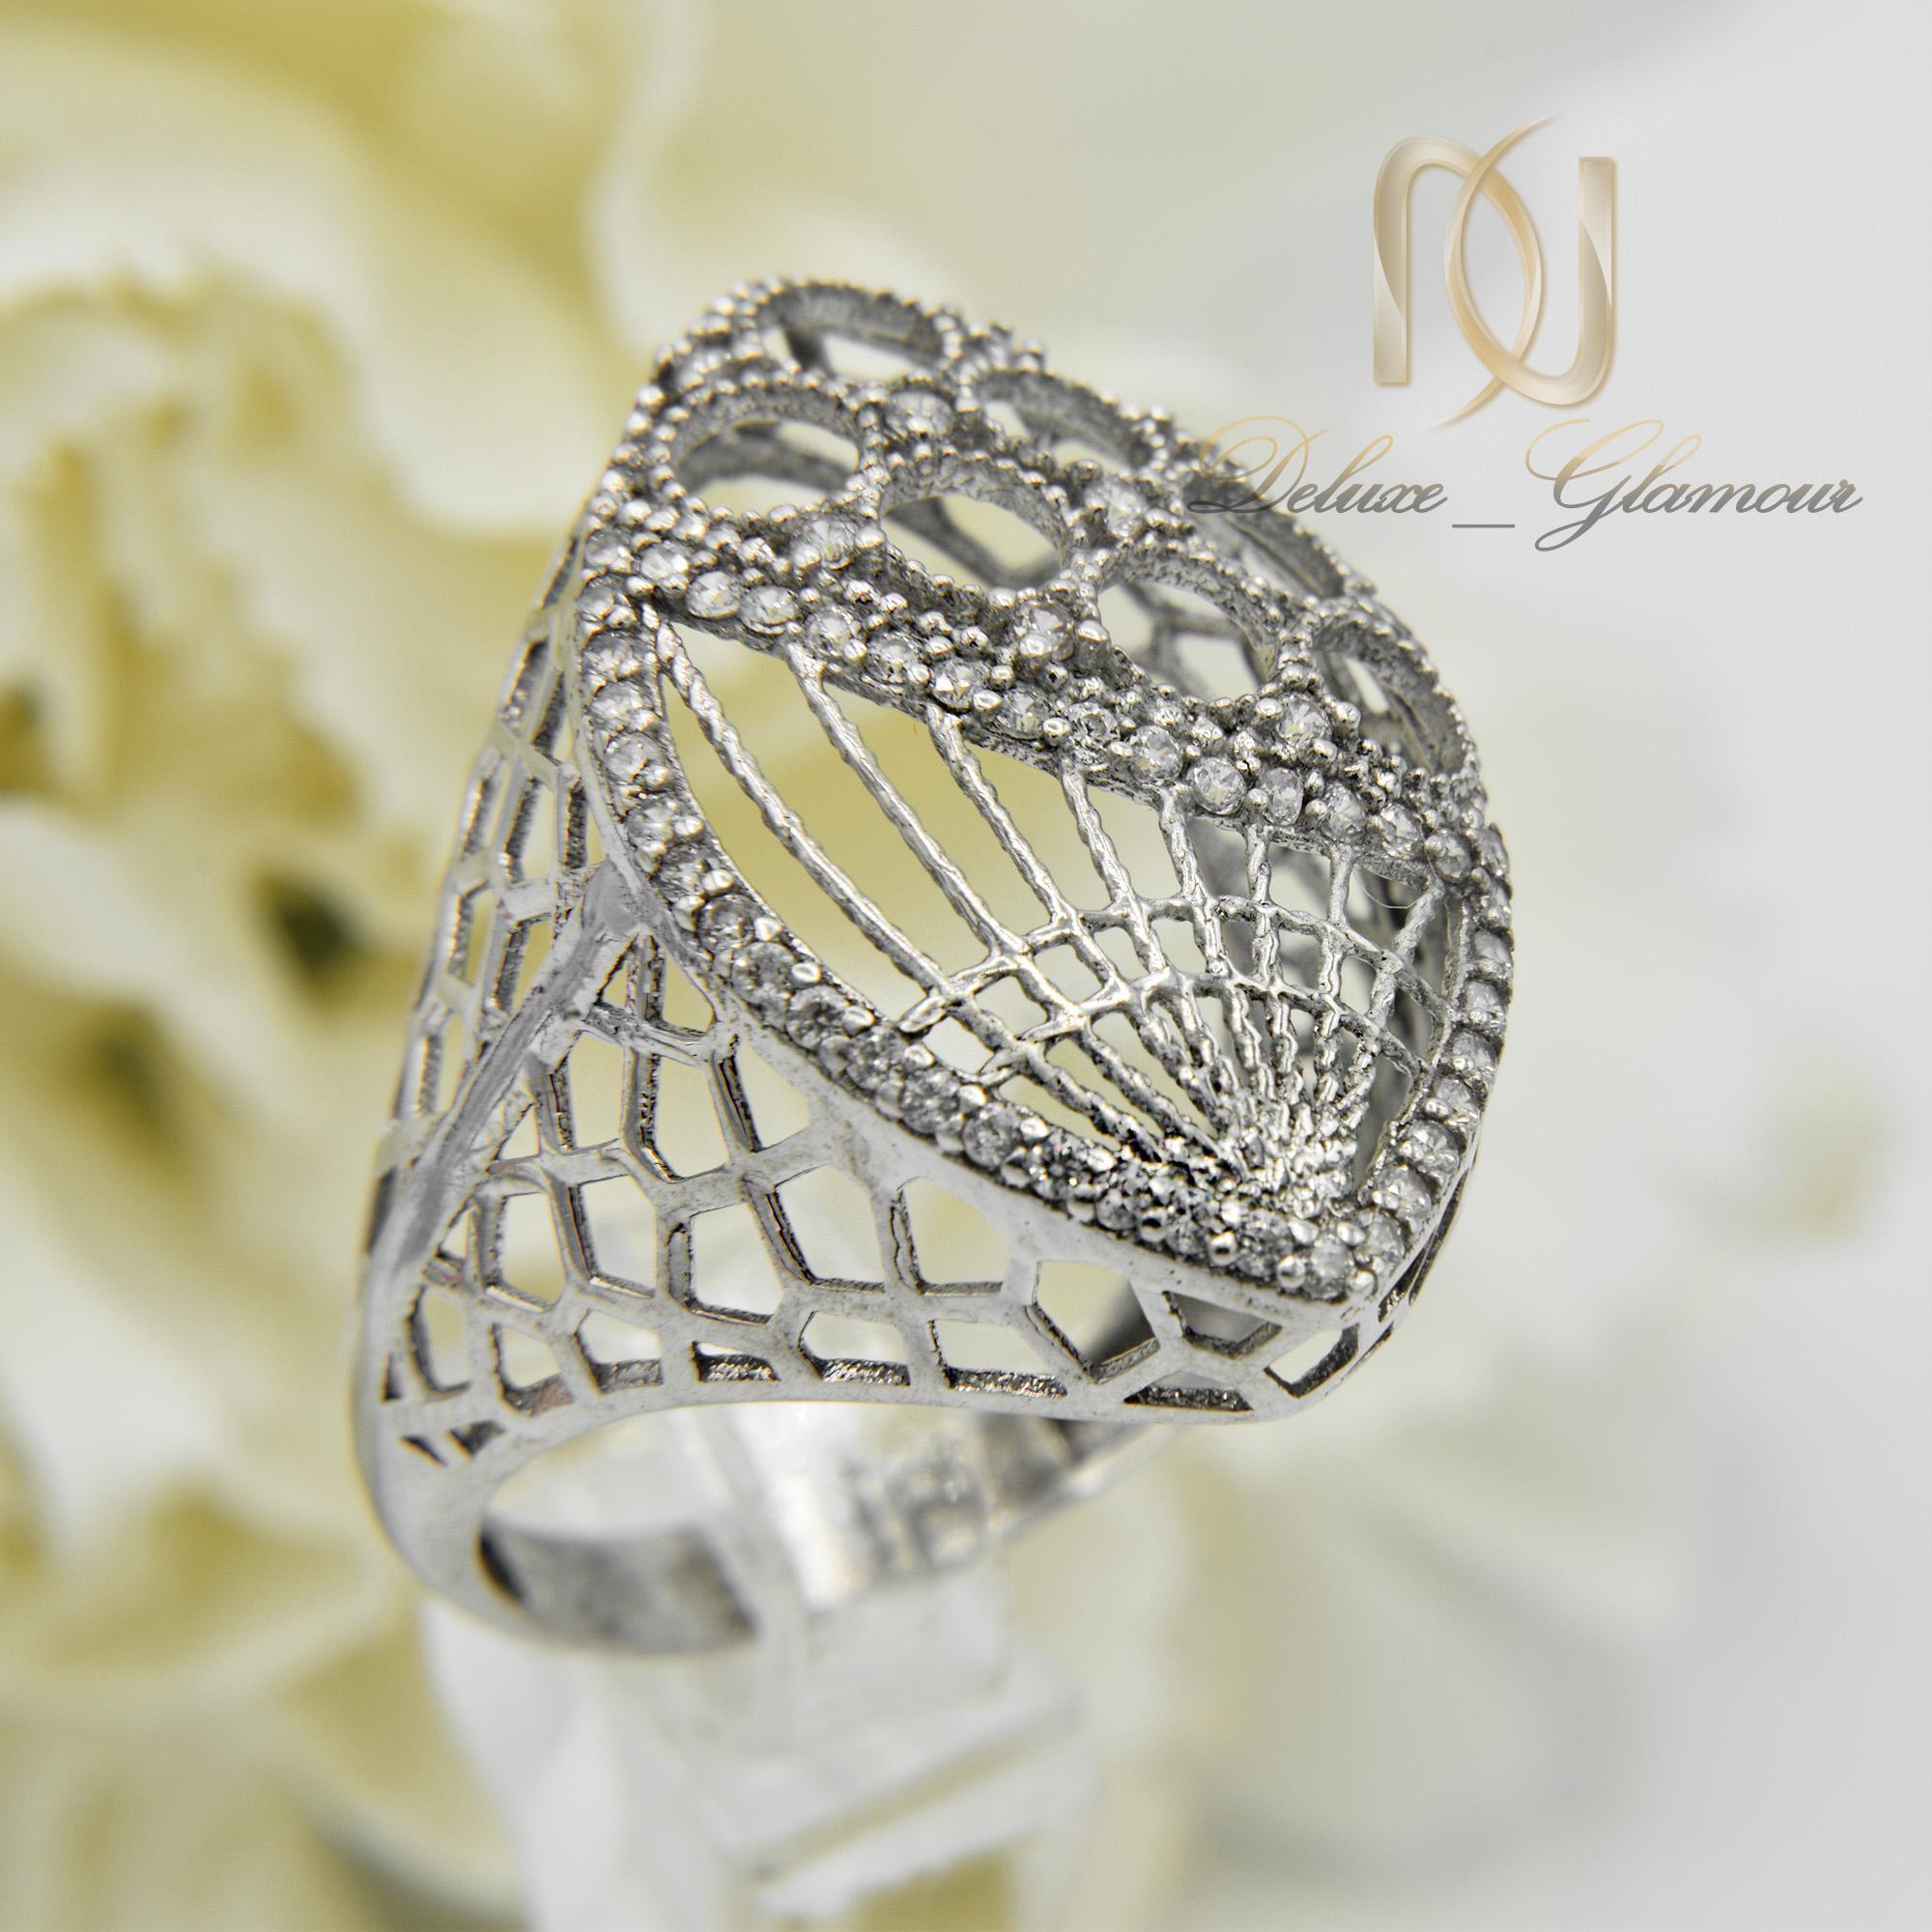 انگشتر نقره زنانه طرح طلای توری rg-n304 از نمای کنار